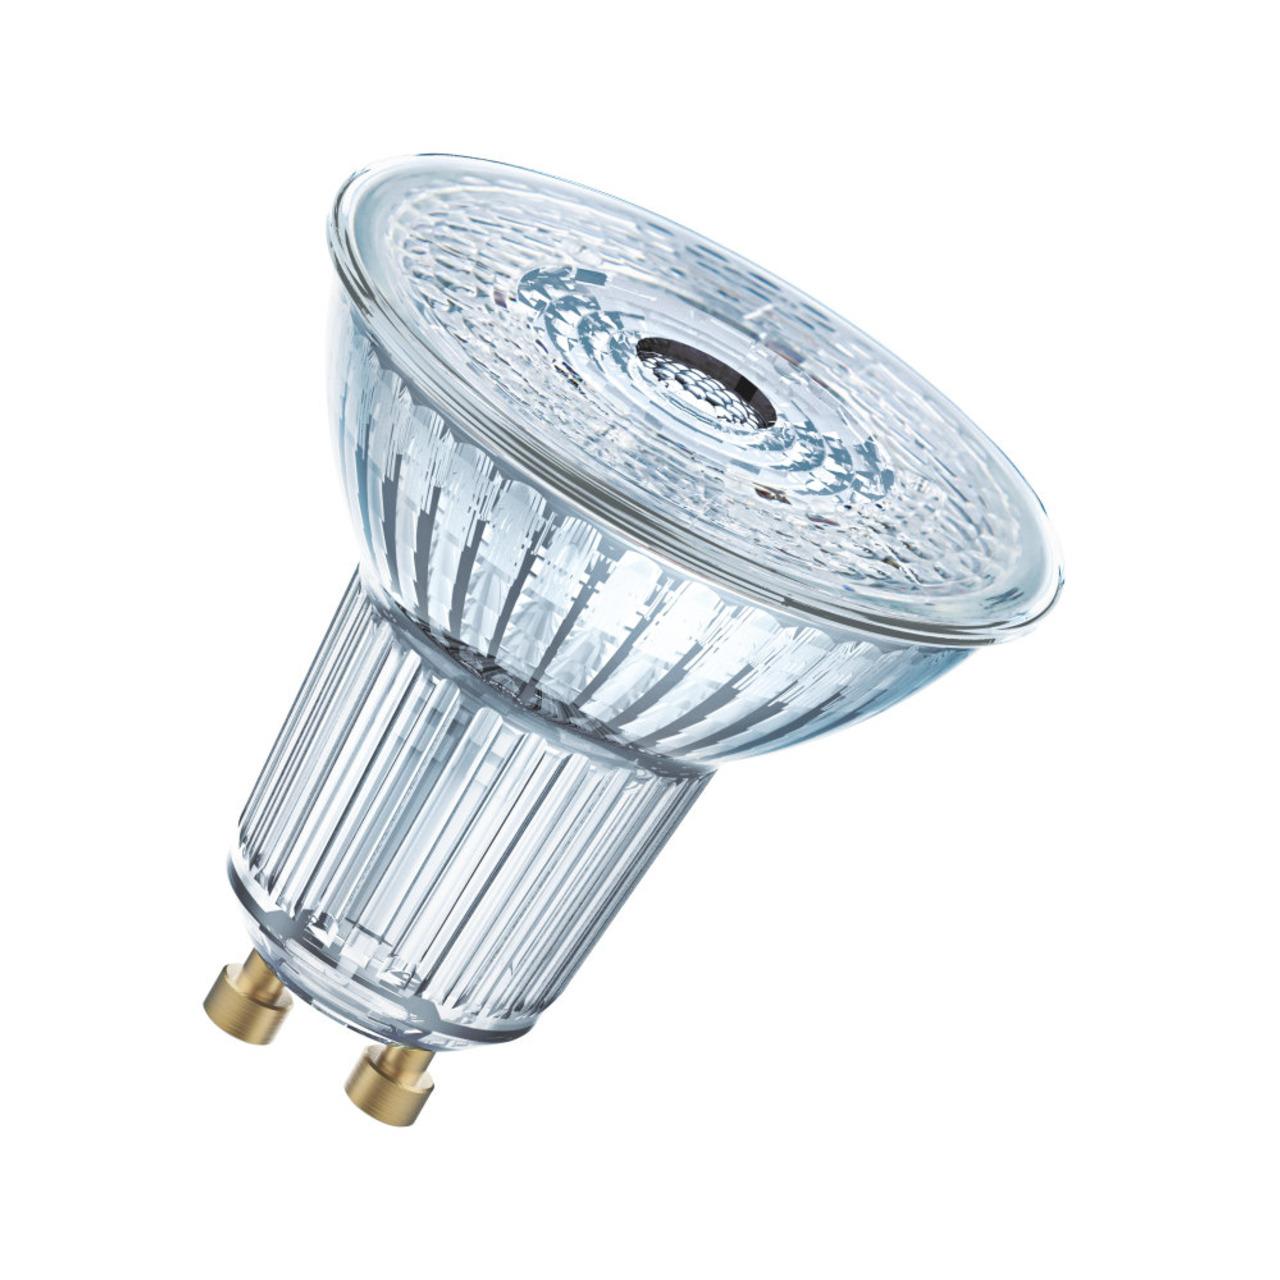 OSRAM 6-5-W-LED-Lampe PAR51- GU10- 570 lm- neutralweiss- 36-